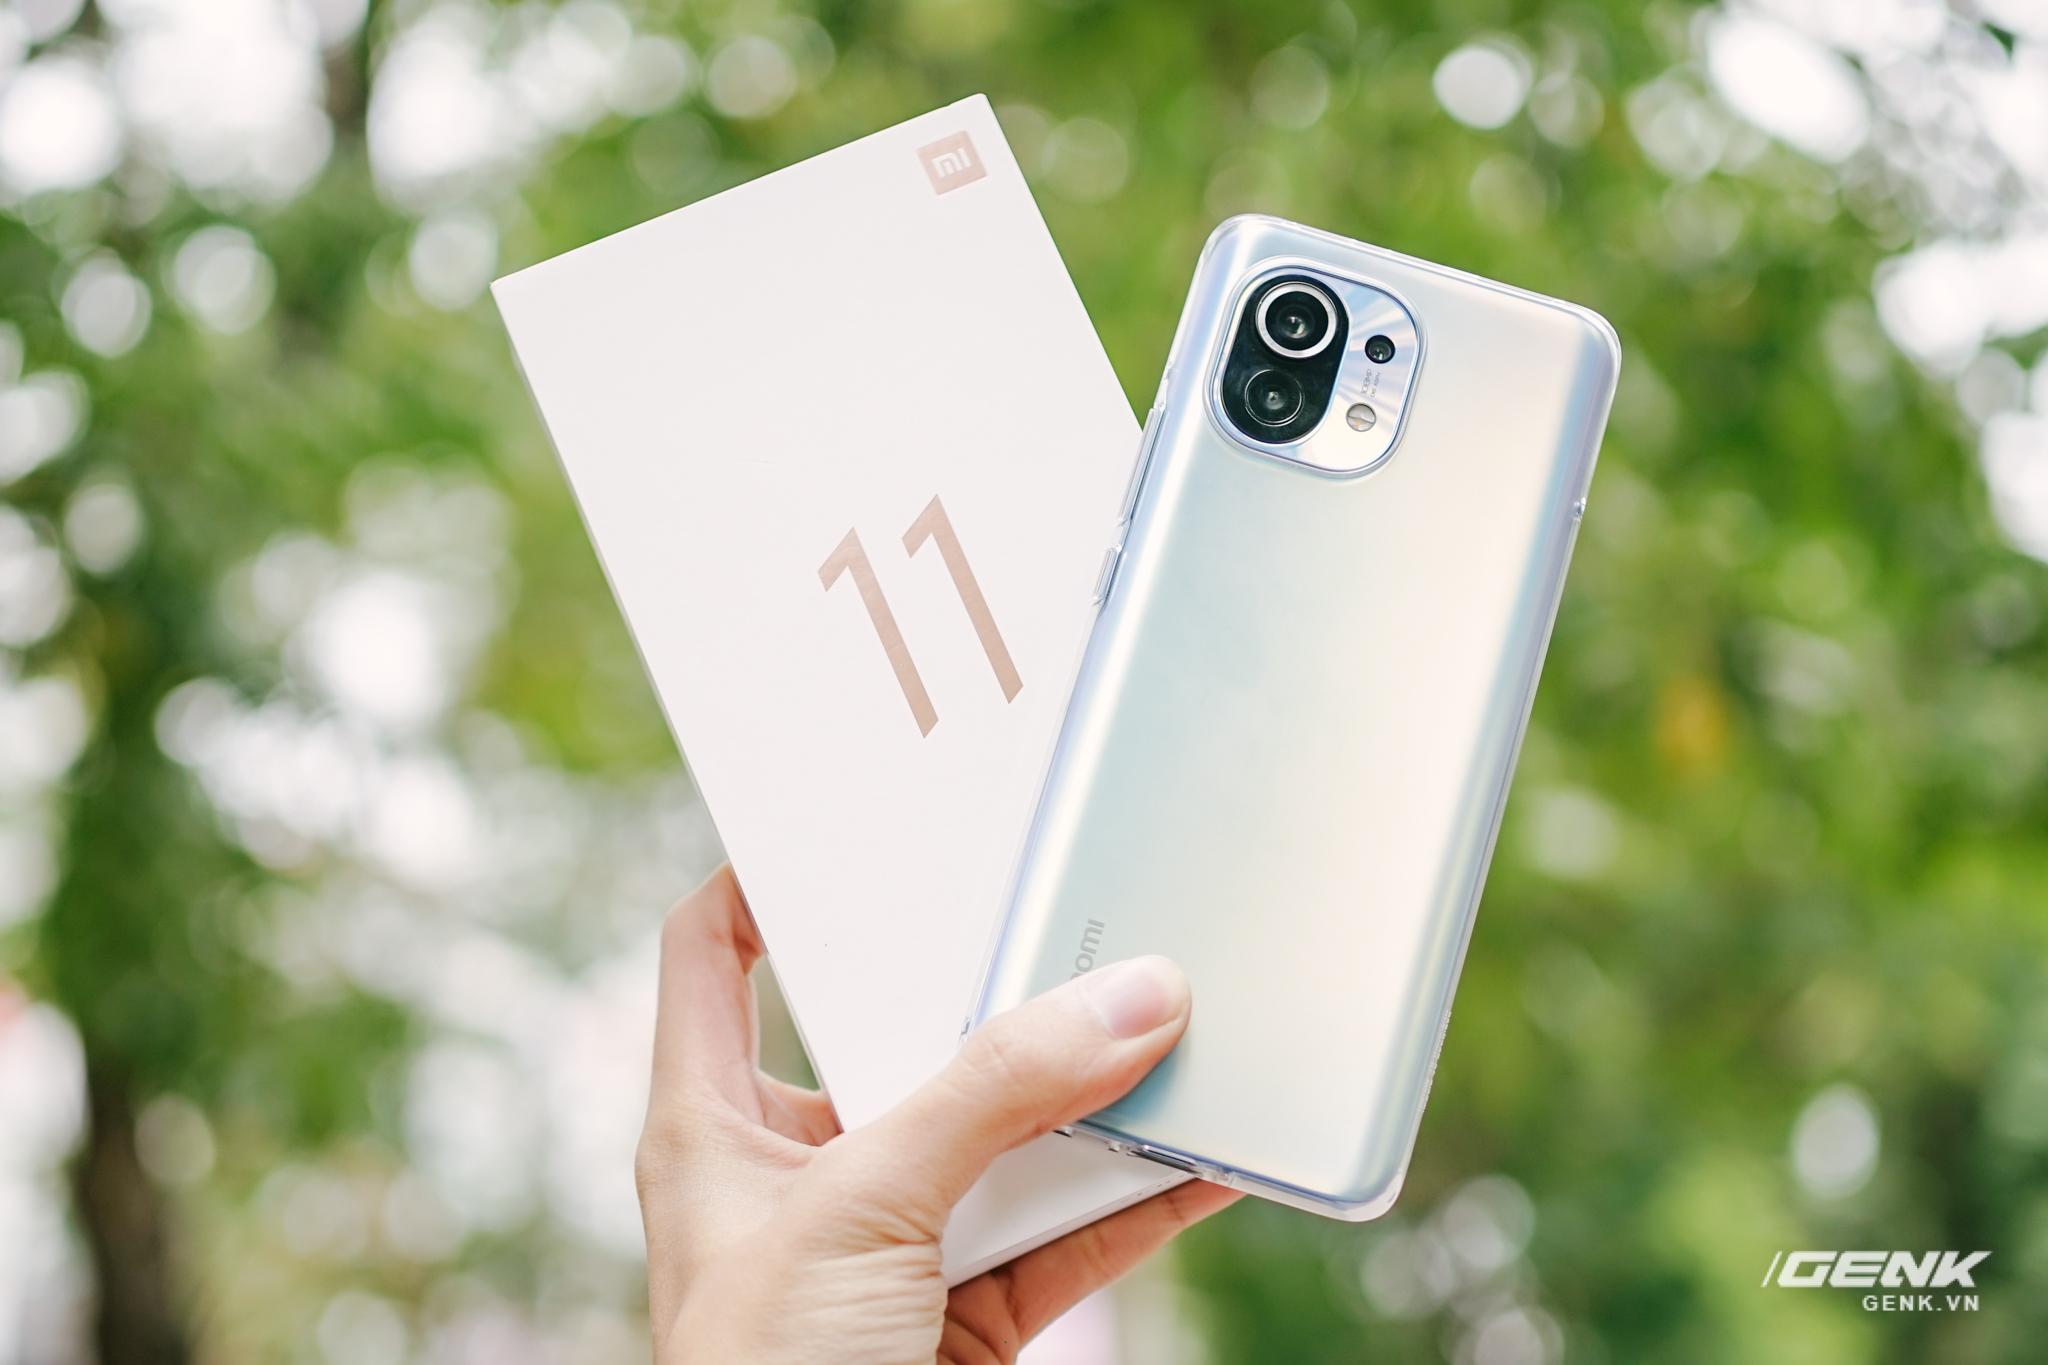 Xiaomi Mi 11 bản chính hãng bán ở Việt Nam sẽ đi kèm củ sạc